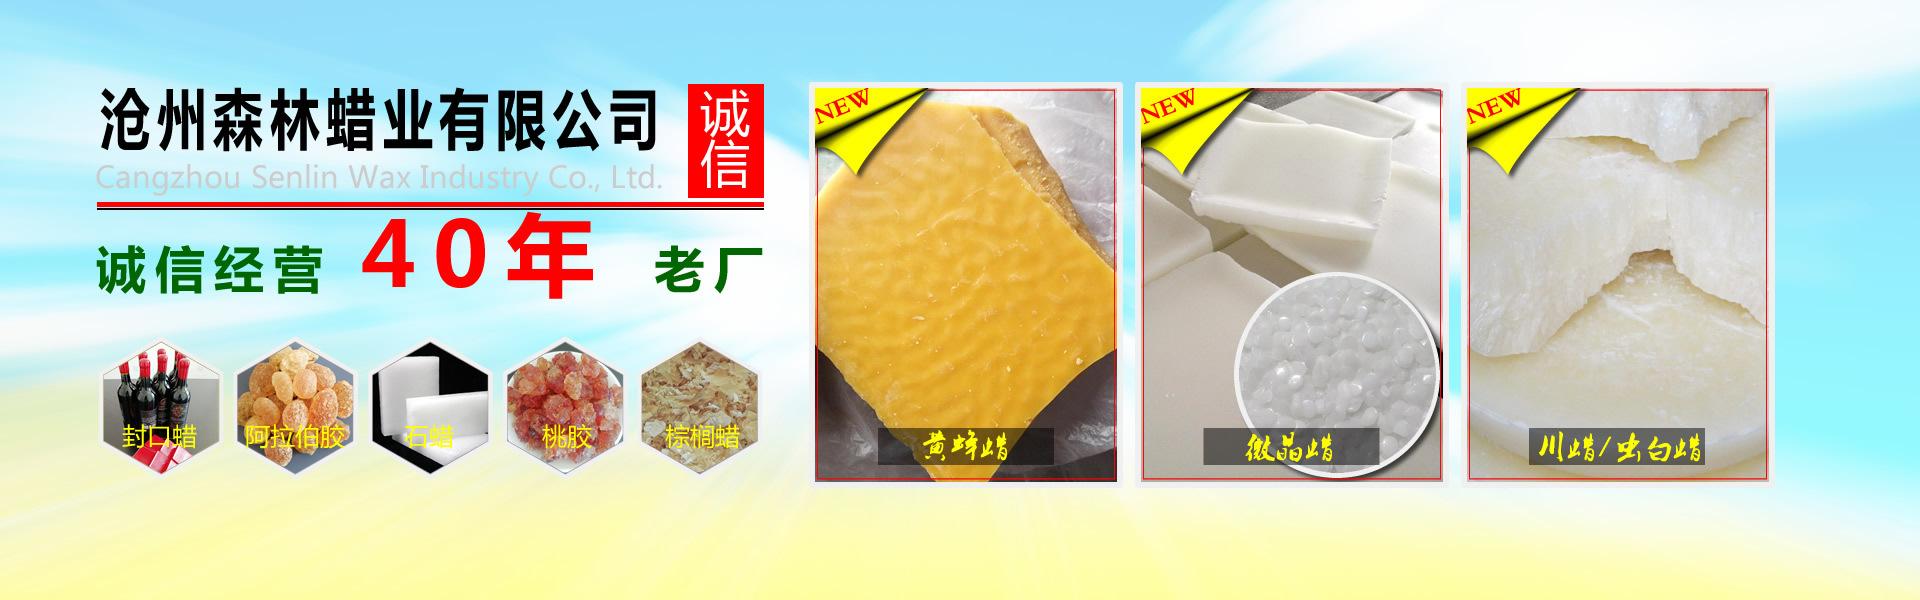 沧州森林蜡业产品列表:蜂蜡、微晶蜡、川蜡、明胶、桃胶、阿拉伯胶等。